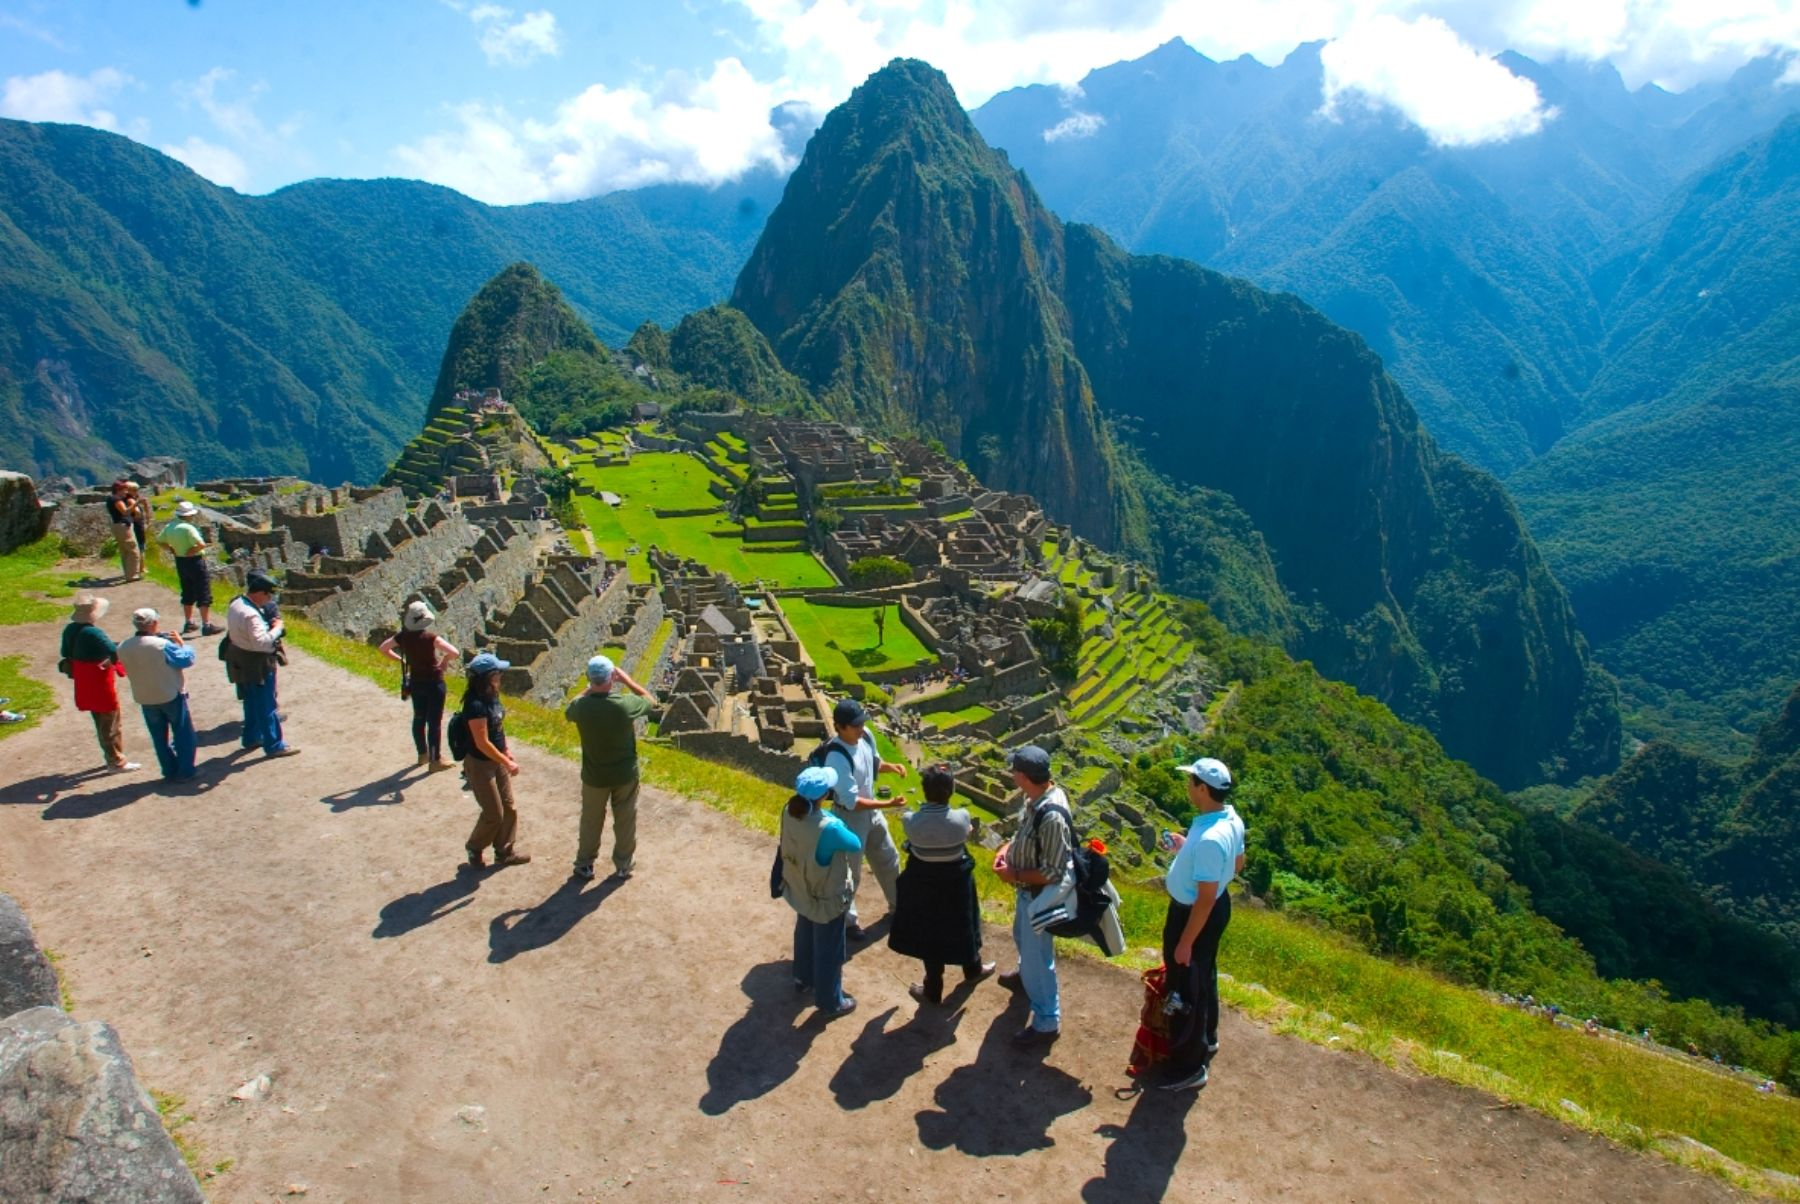 Machu Picchu is the top tourist destination in Peru.